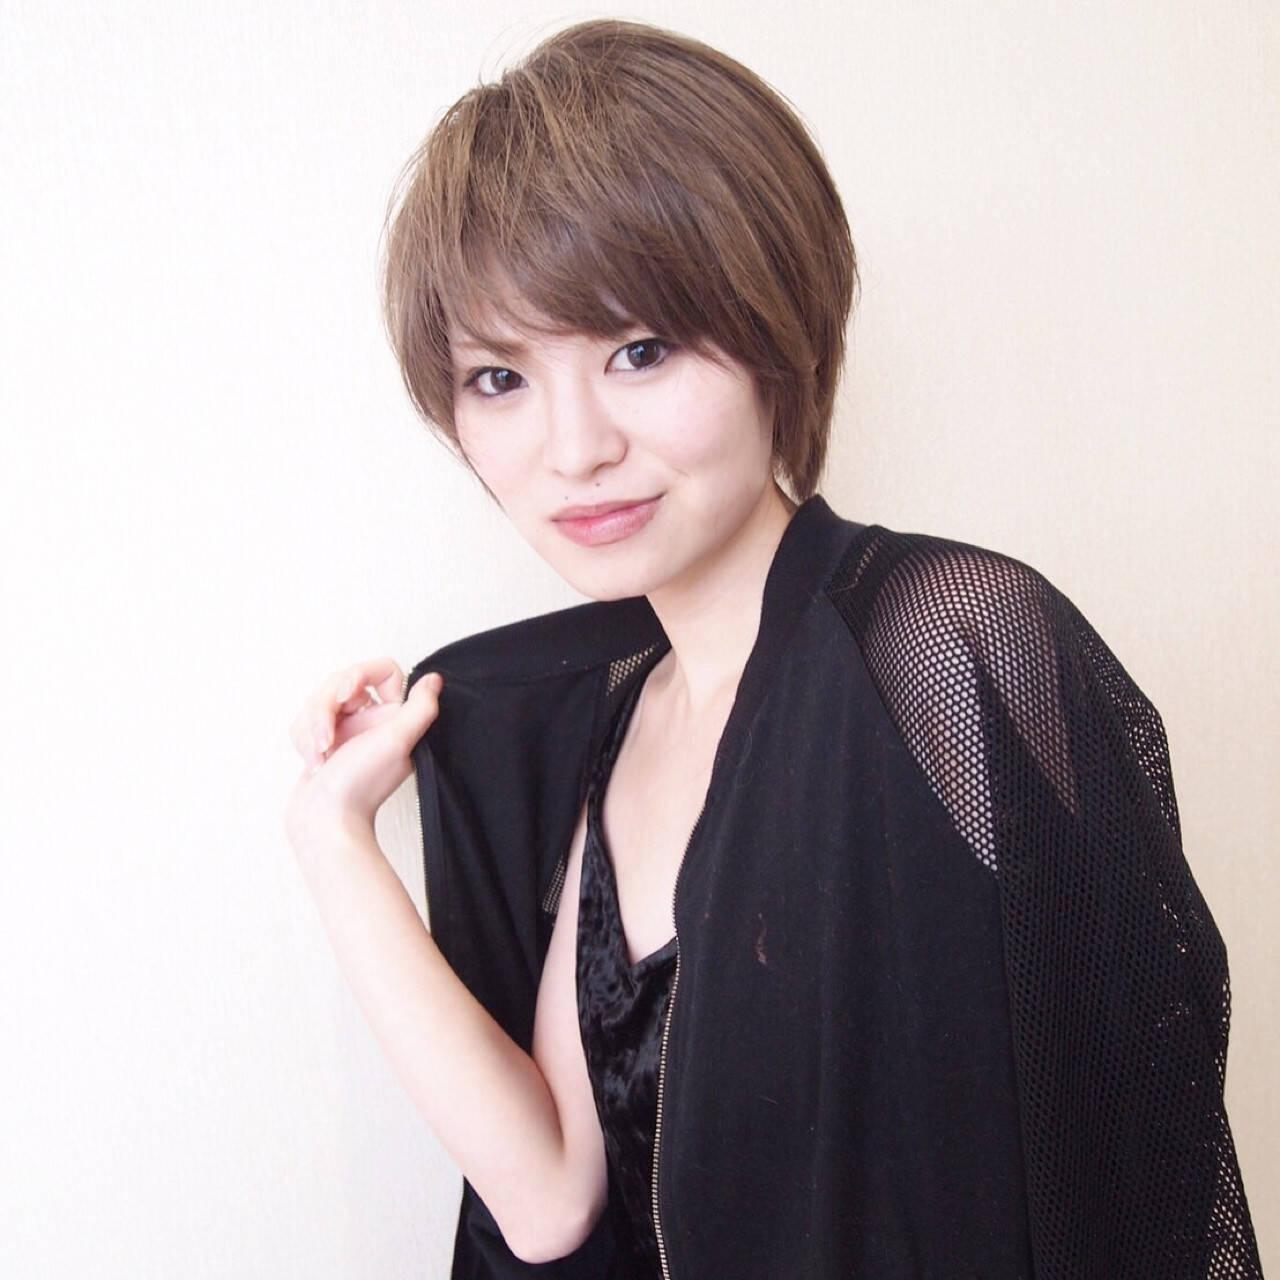 モード 大人女子 アッシュ かっこいいヘアスタイルや髪型の写真・画像